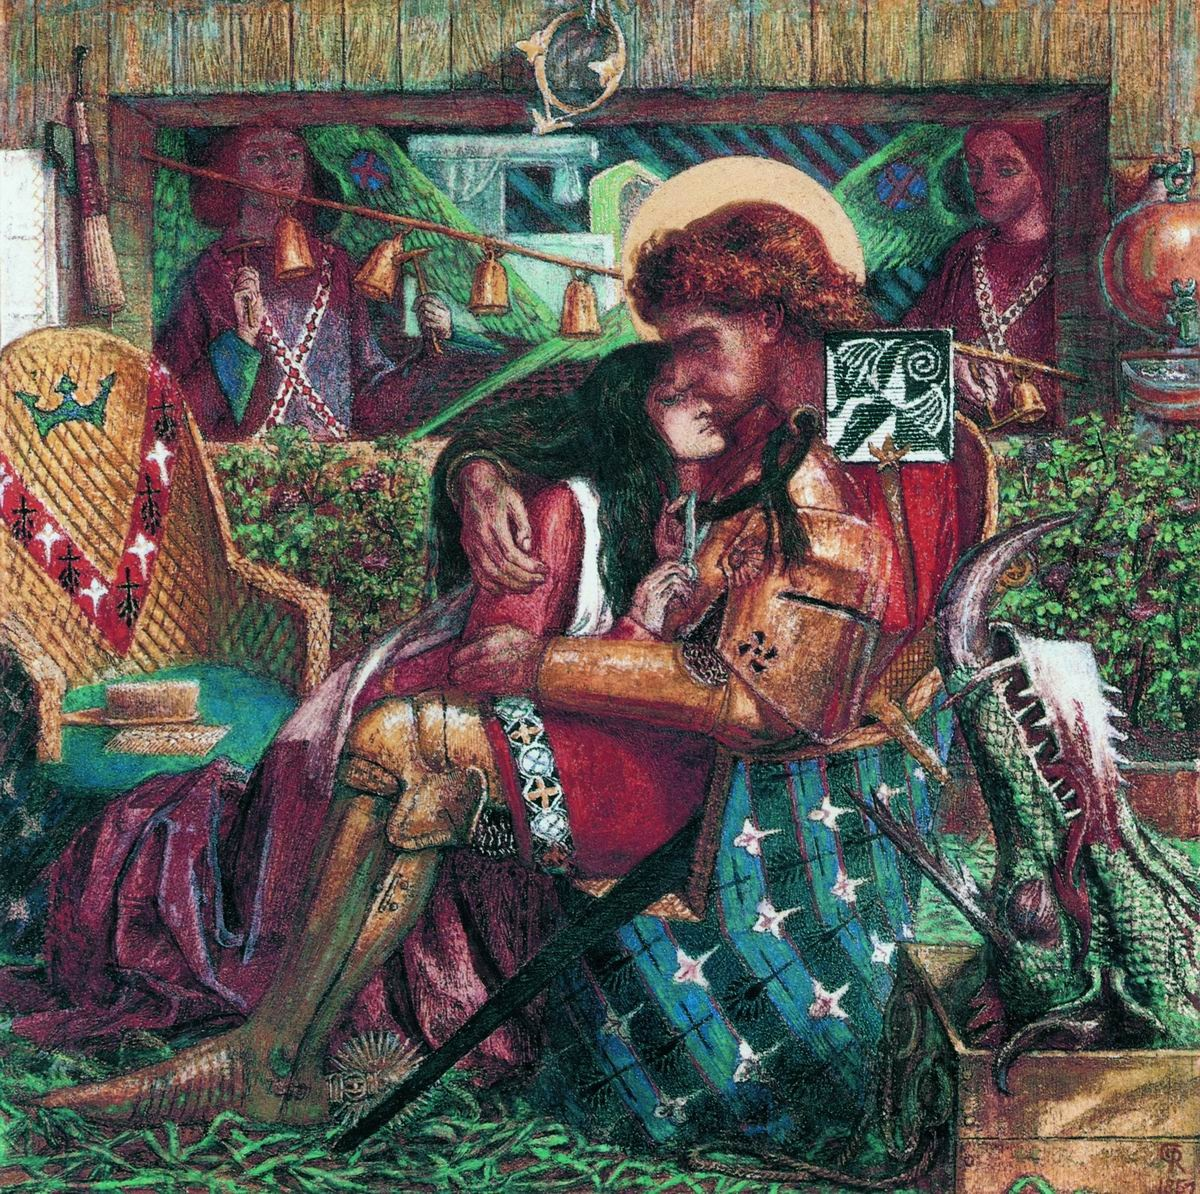 Свадьба святого георгия и принцессы сабры